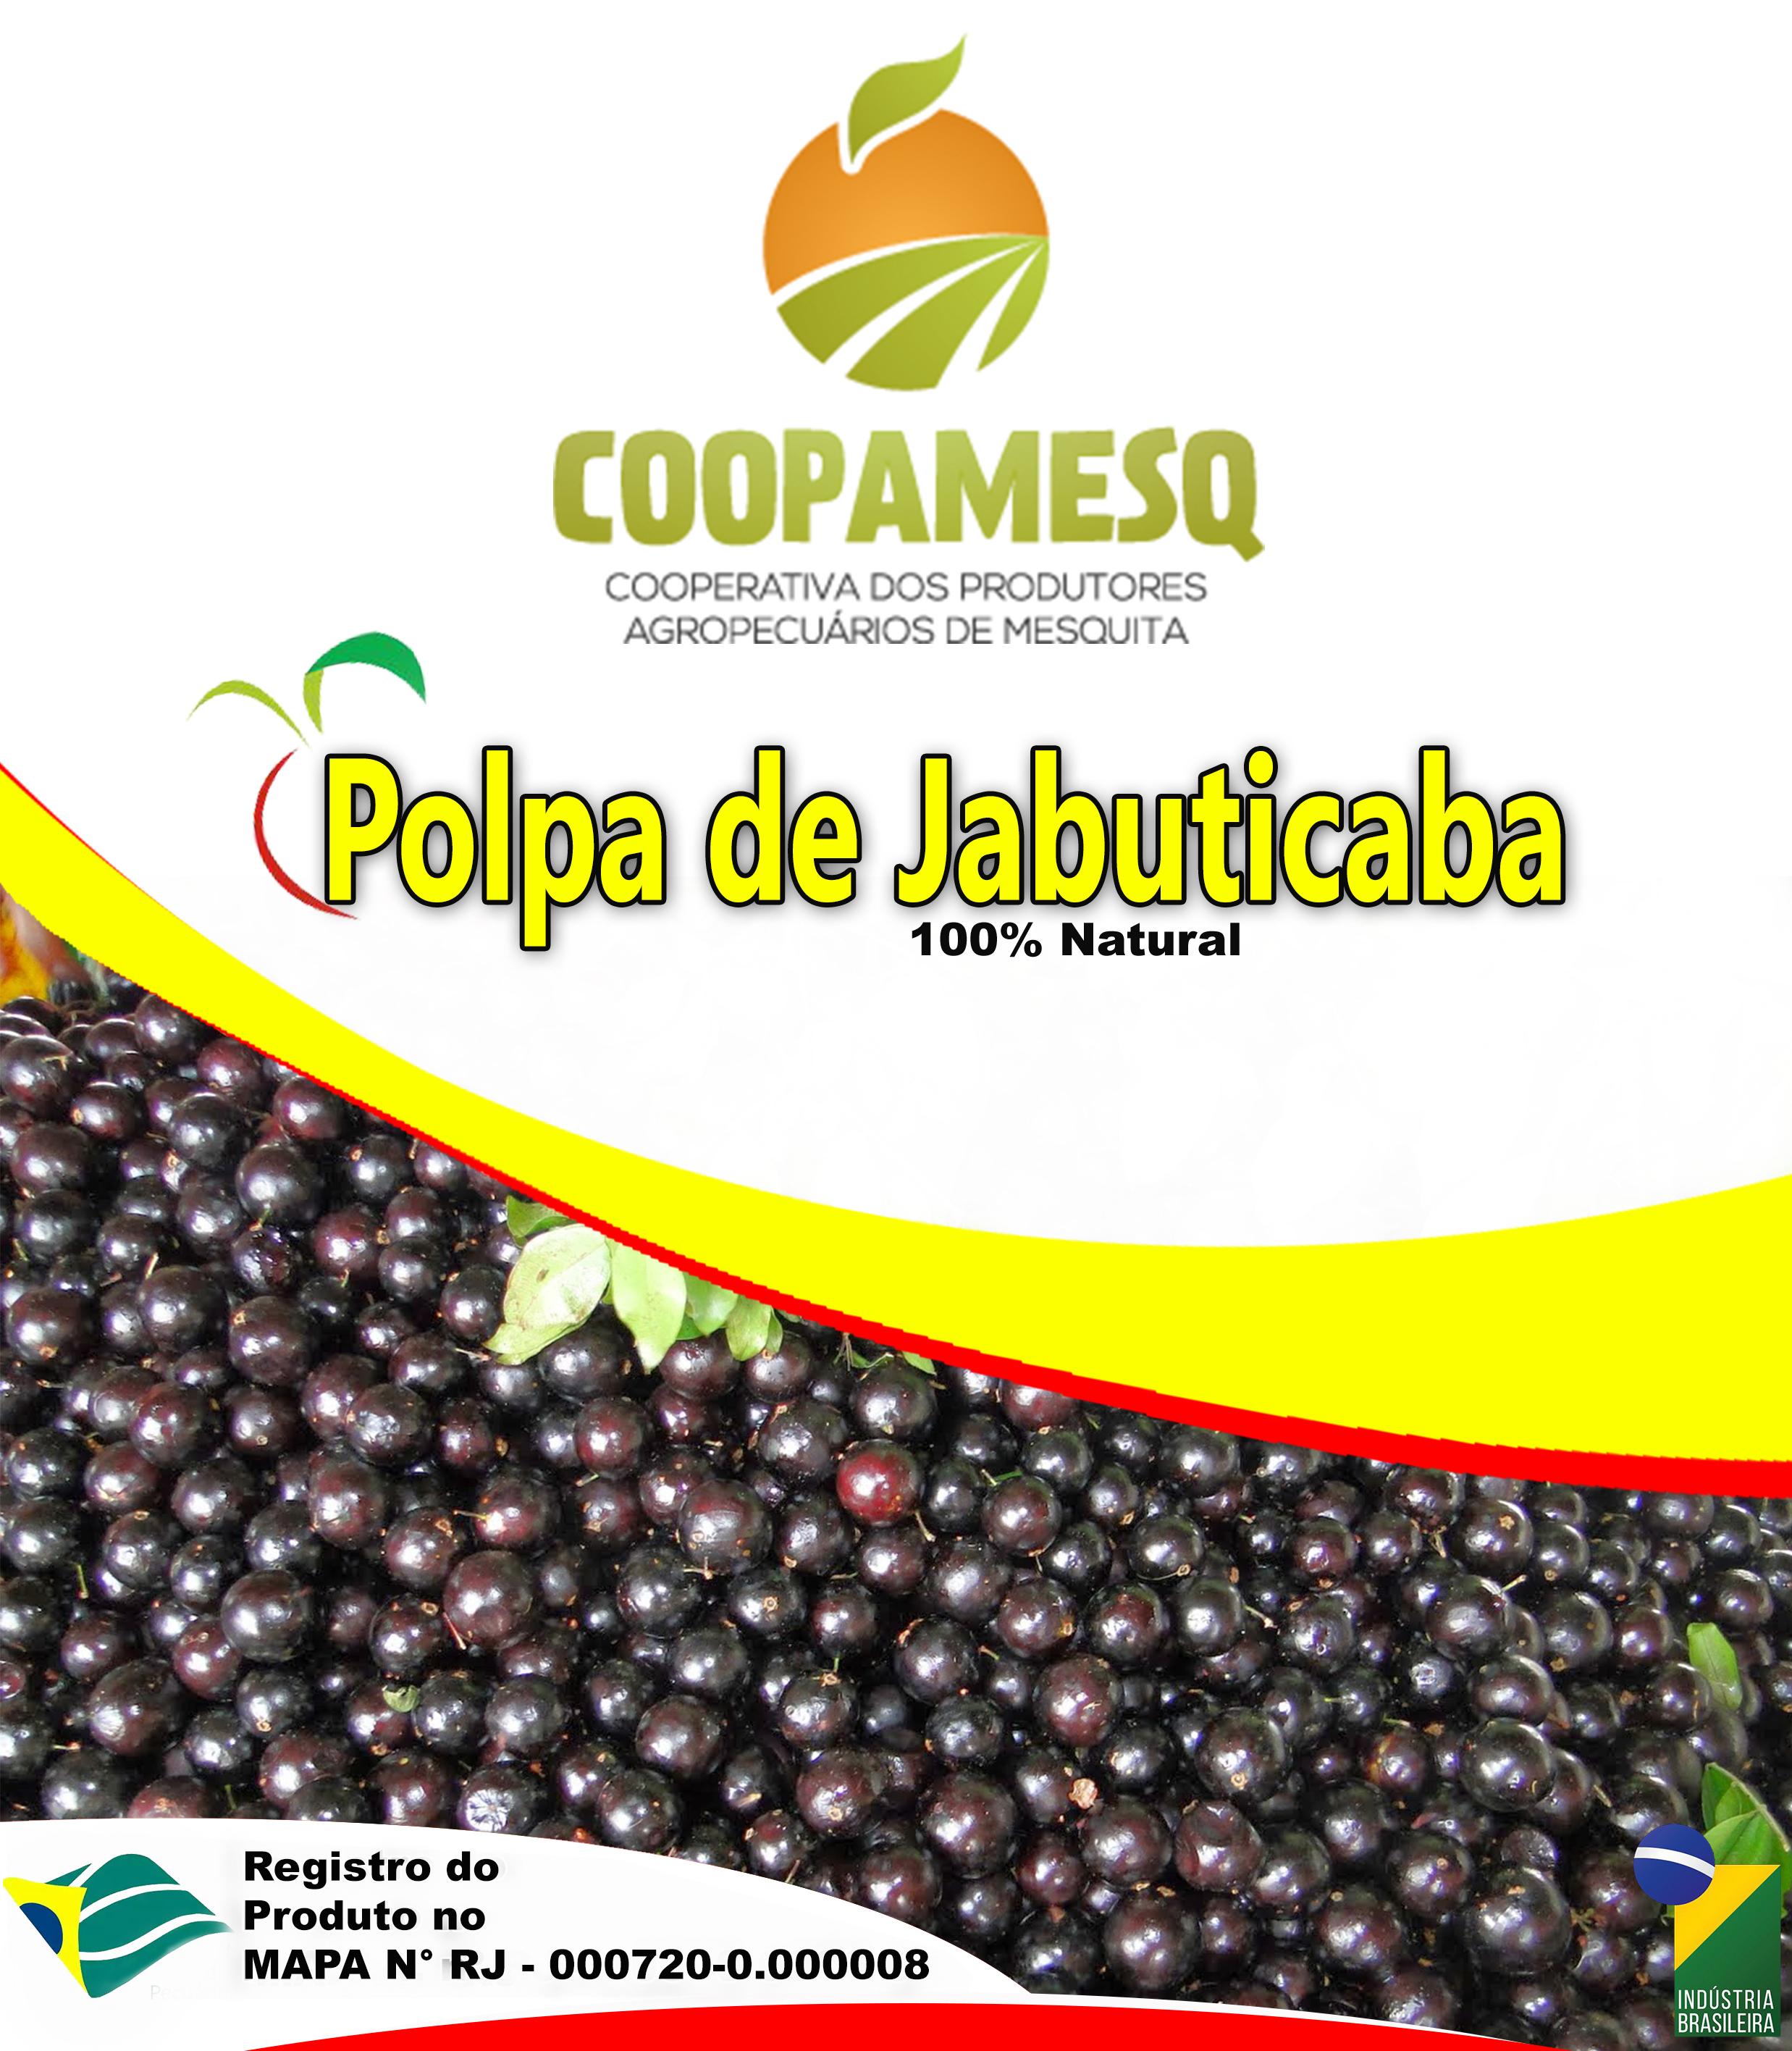 Polpa de Jabuticaba